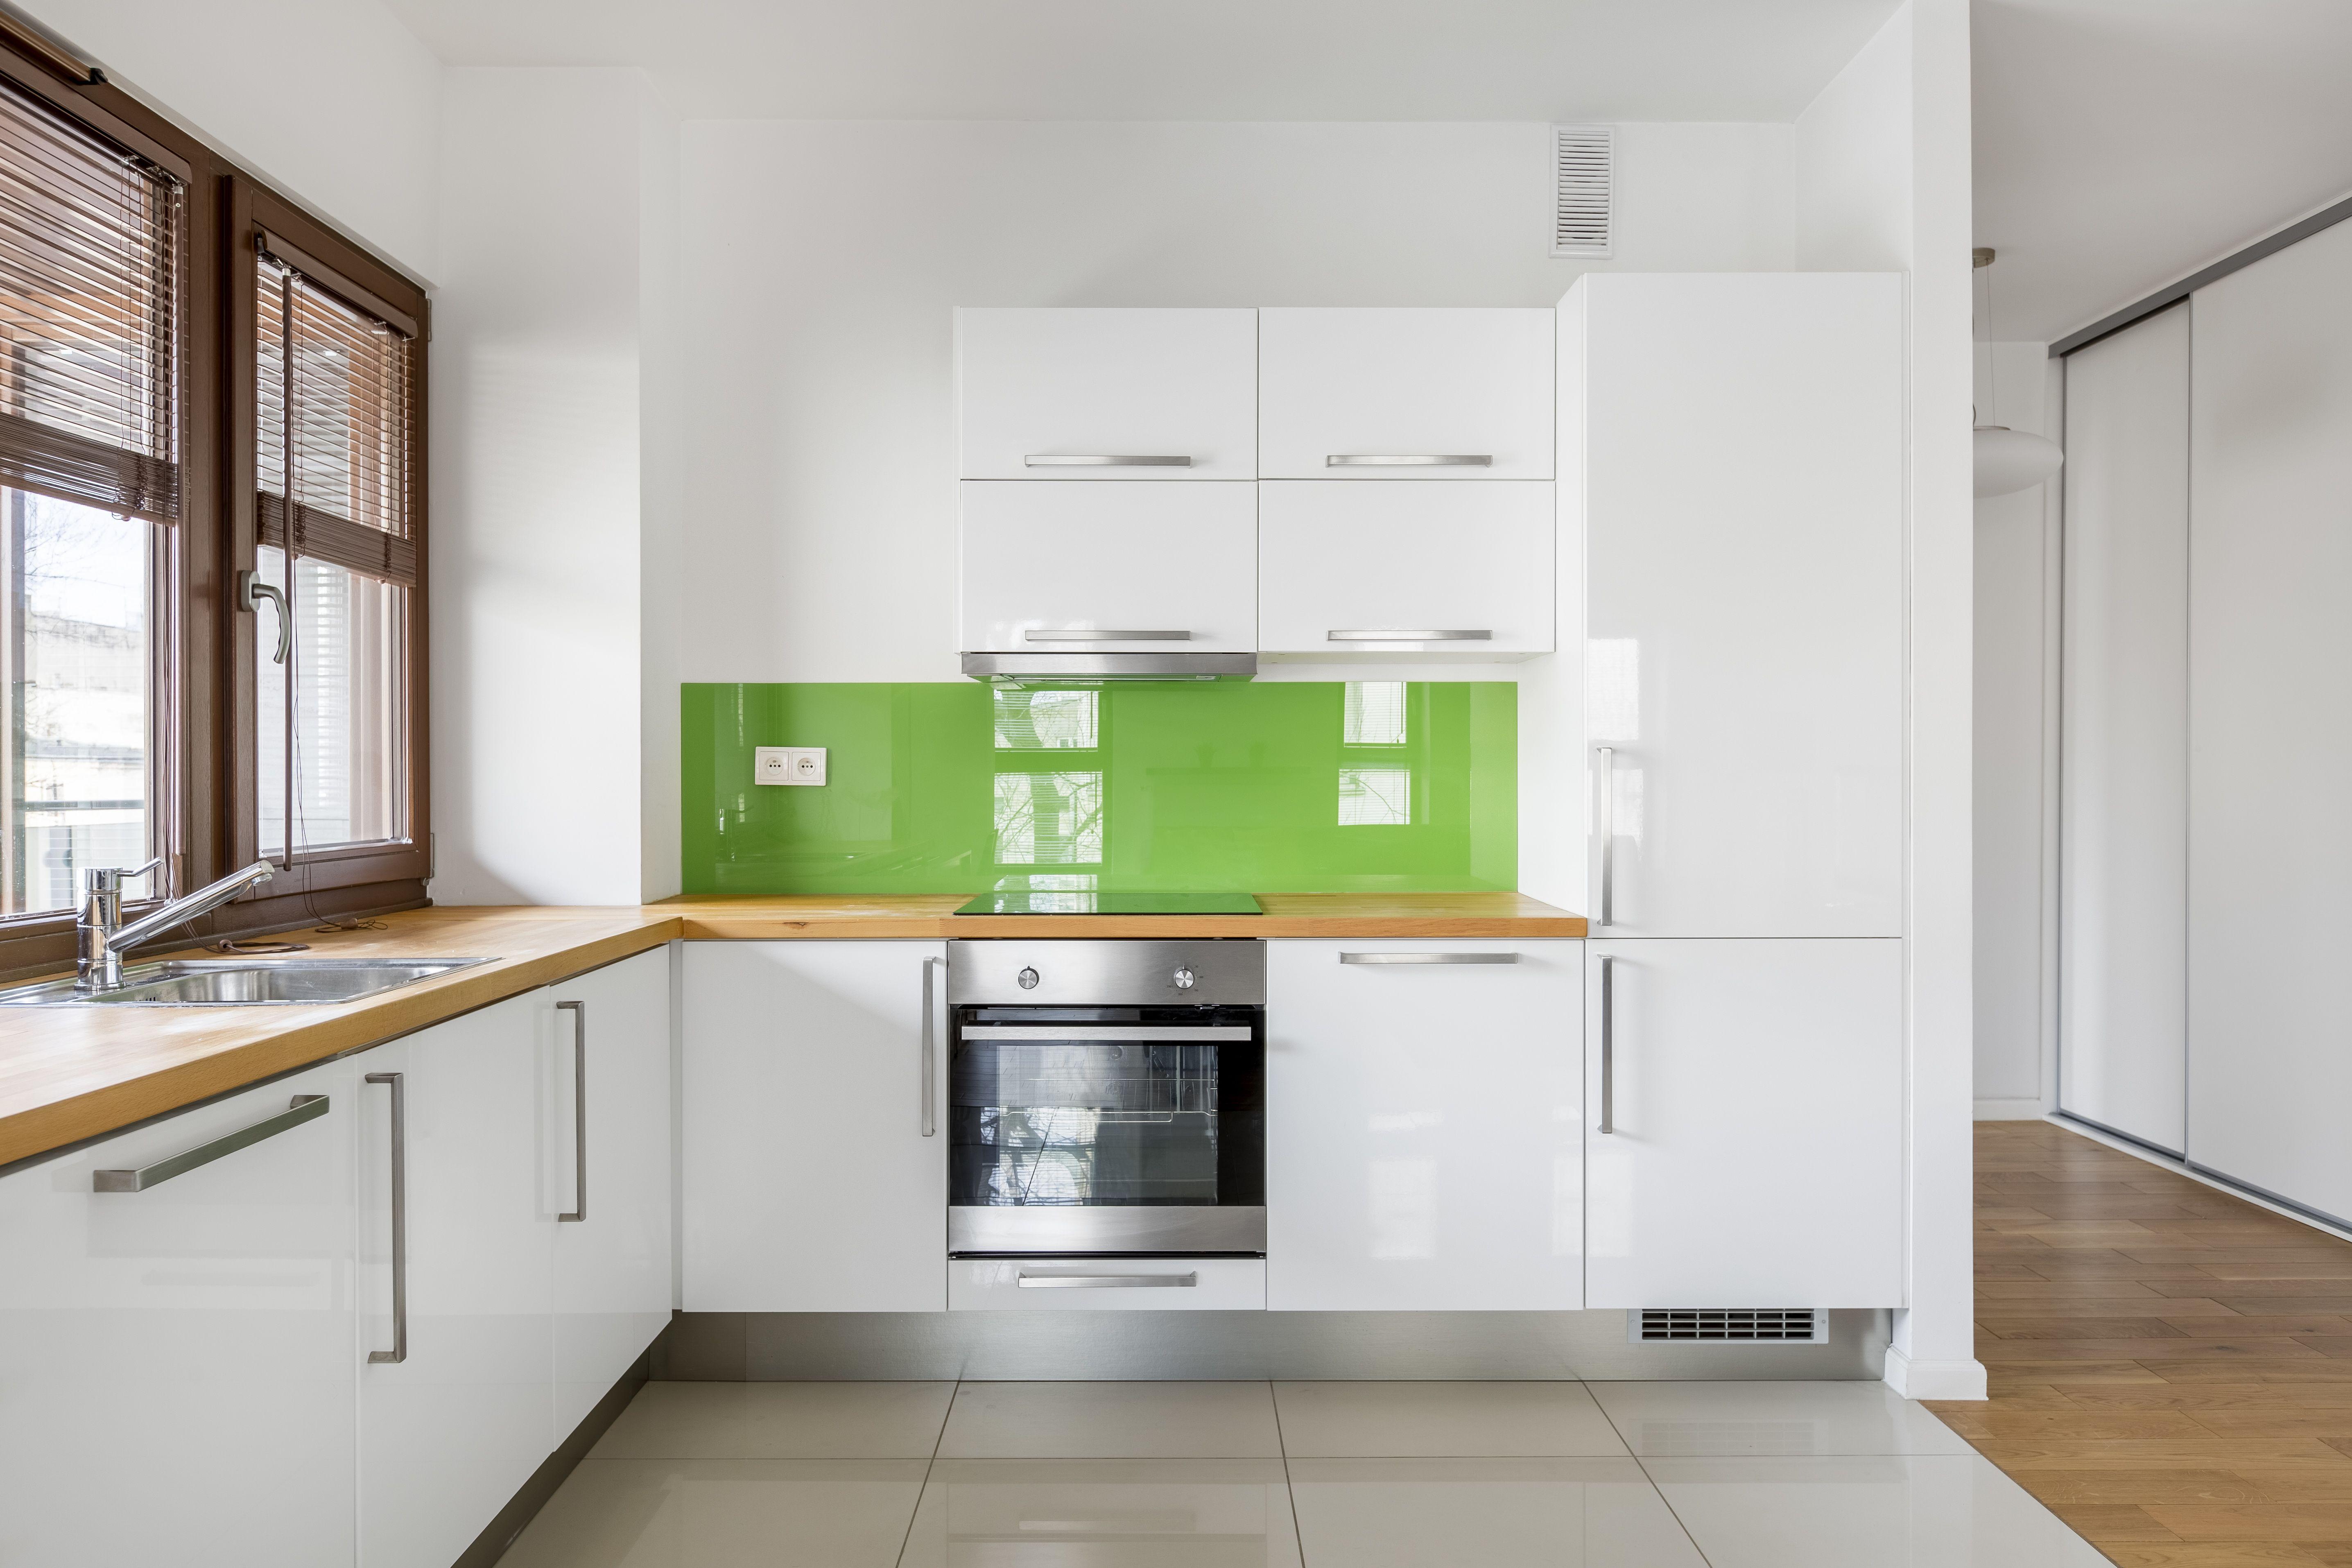 Acrylic Kitchen Splashbacks Polymer Splashbacks Akril White Gloss Kitchen High Gloss White Kitchen Acrylic Kitchen Splashbacks